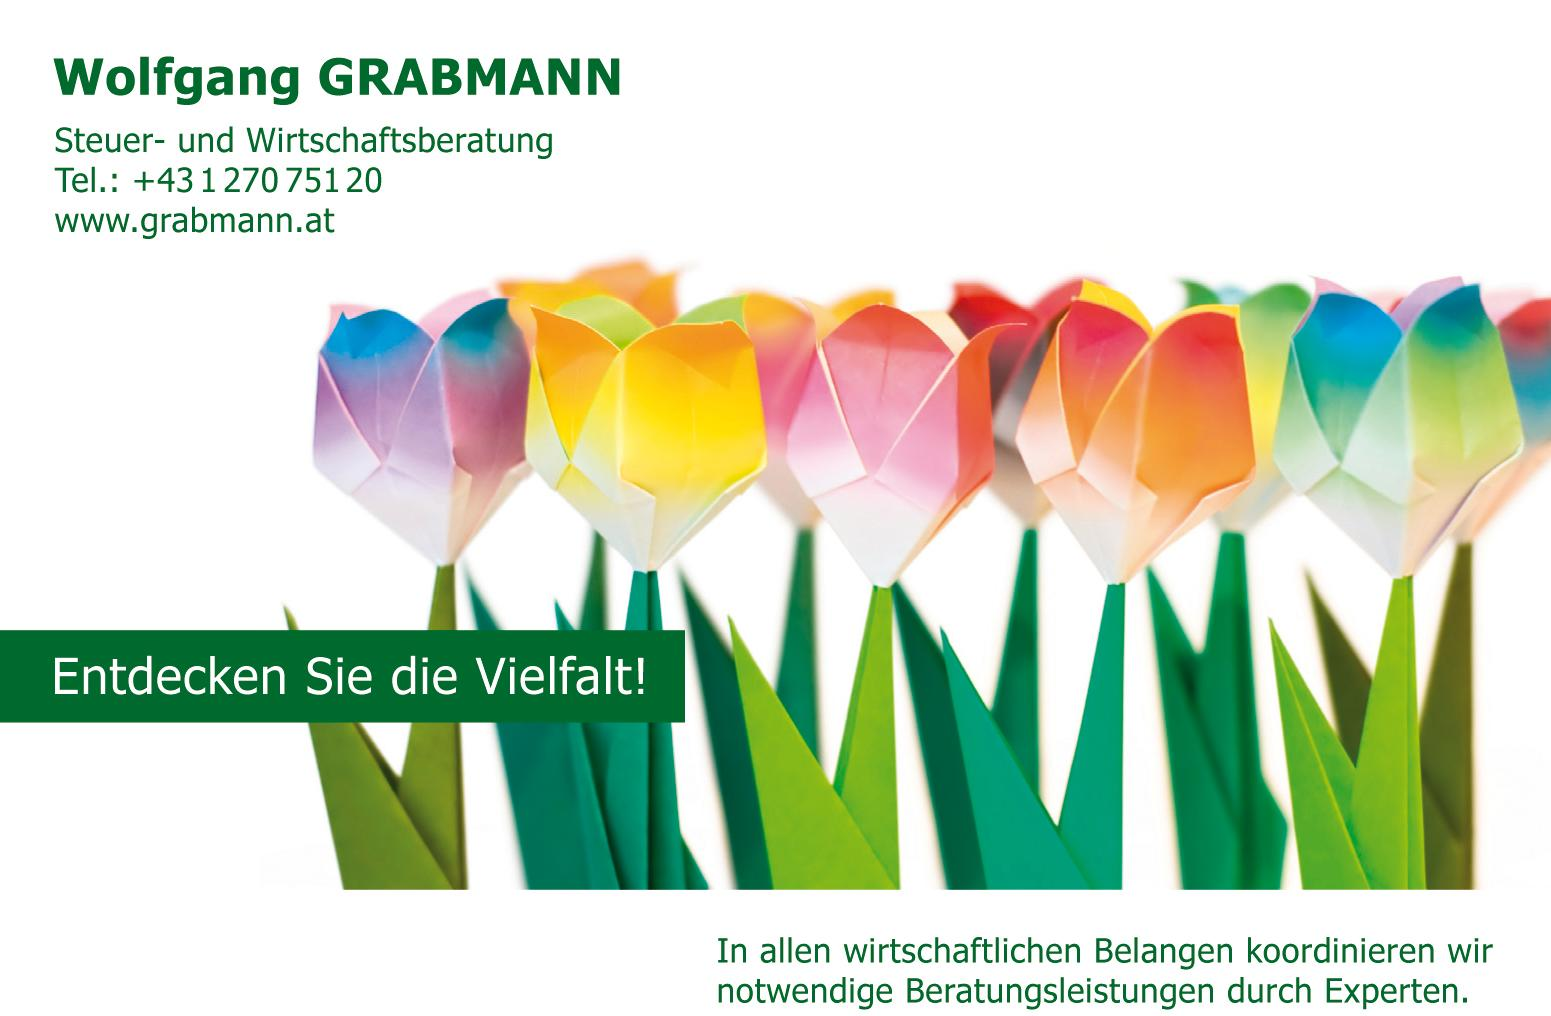 Wolfgang GRABMANN Steuerberatungsgesellschaft mbH